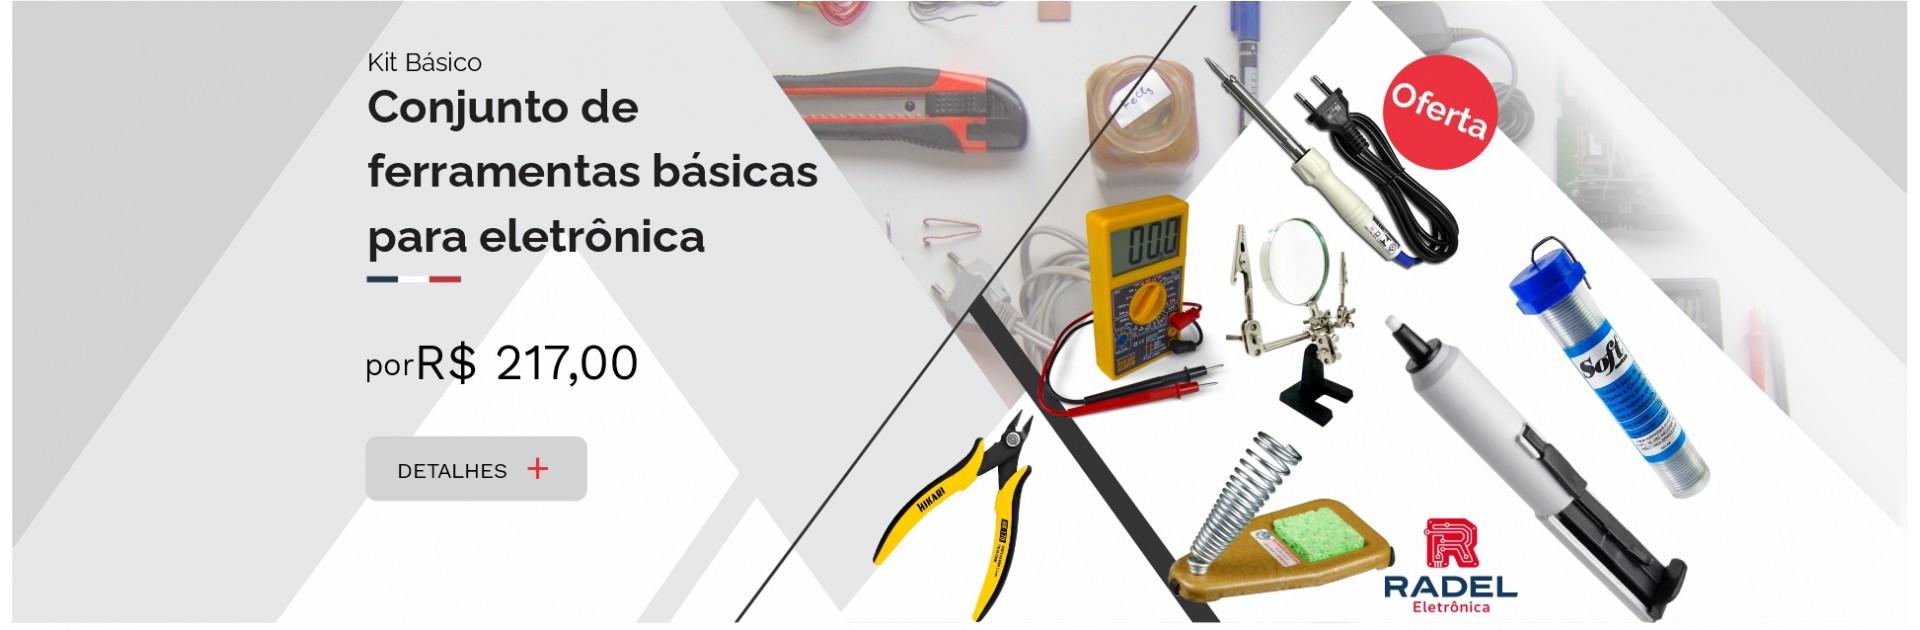 Conjunto de ferramentas básicas  para eletrônica